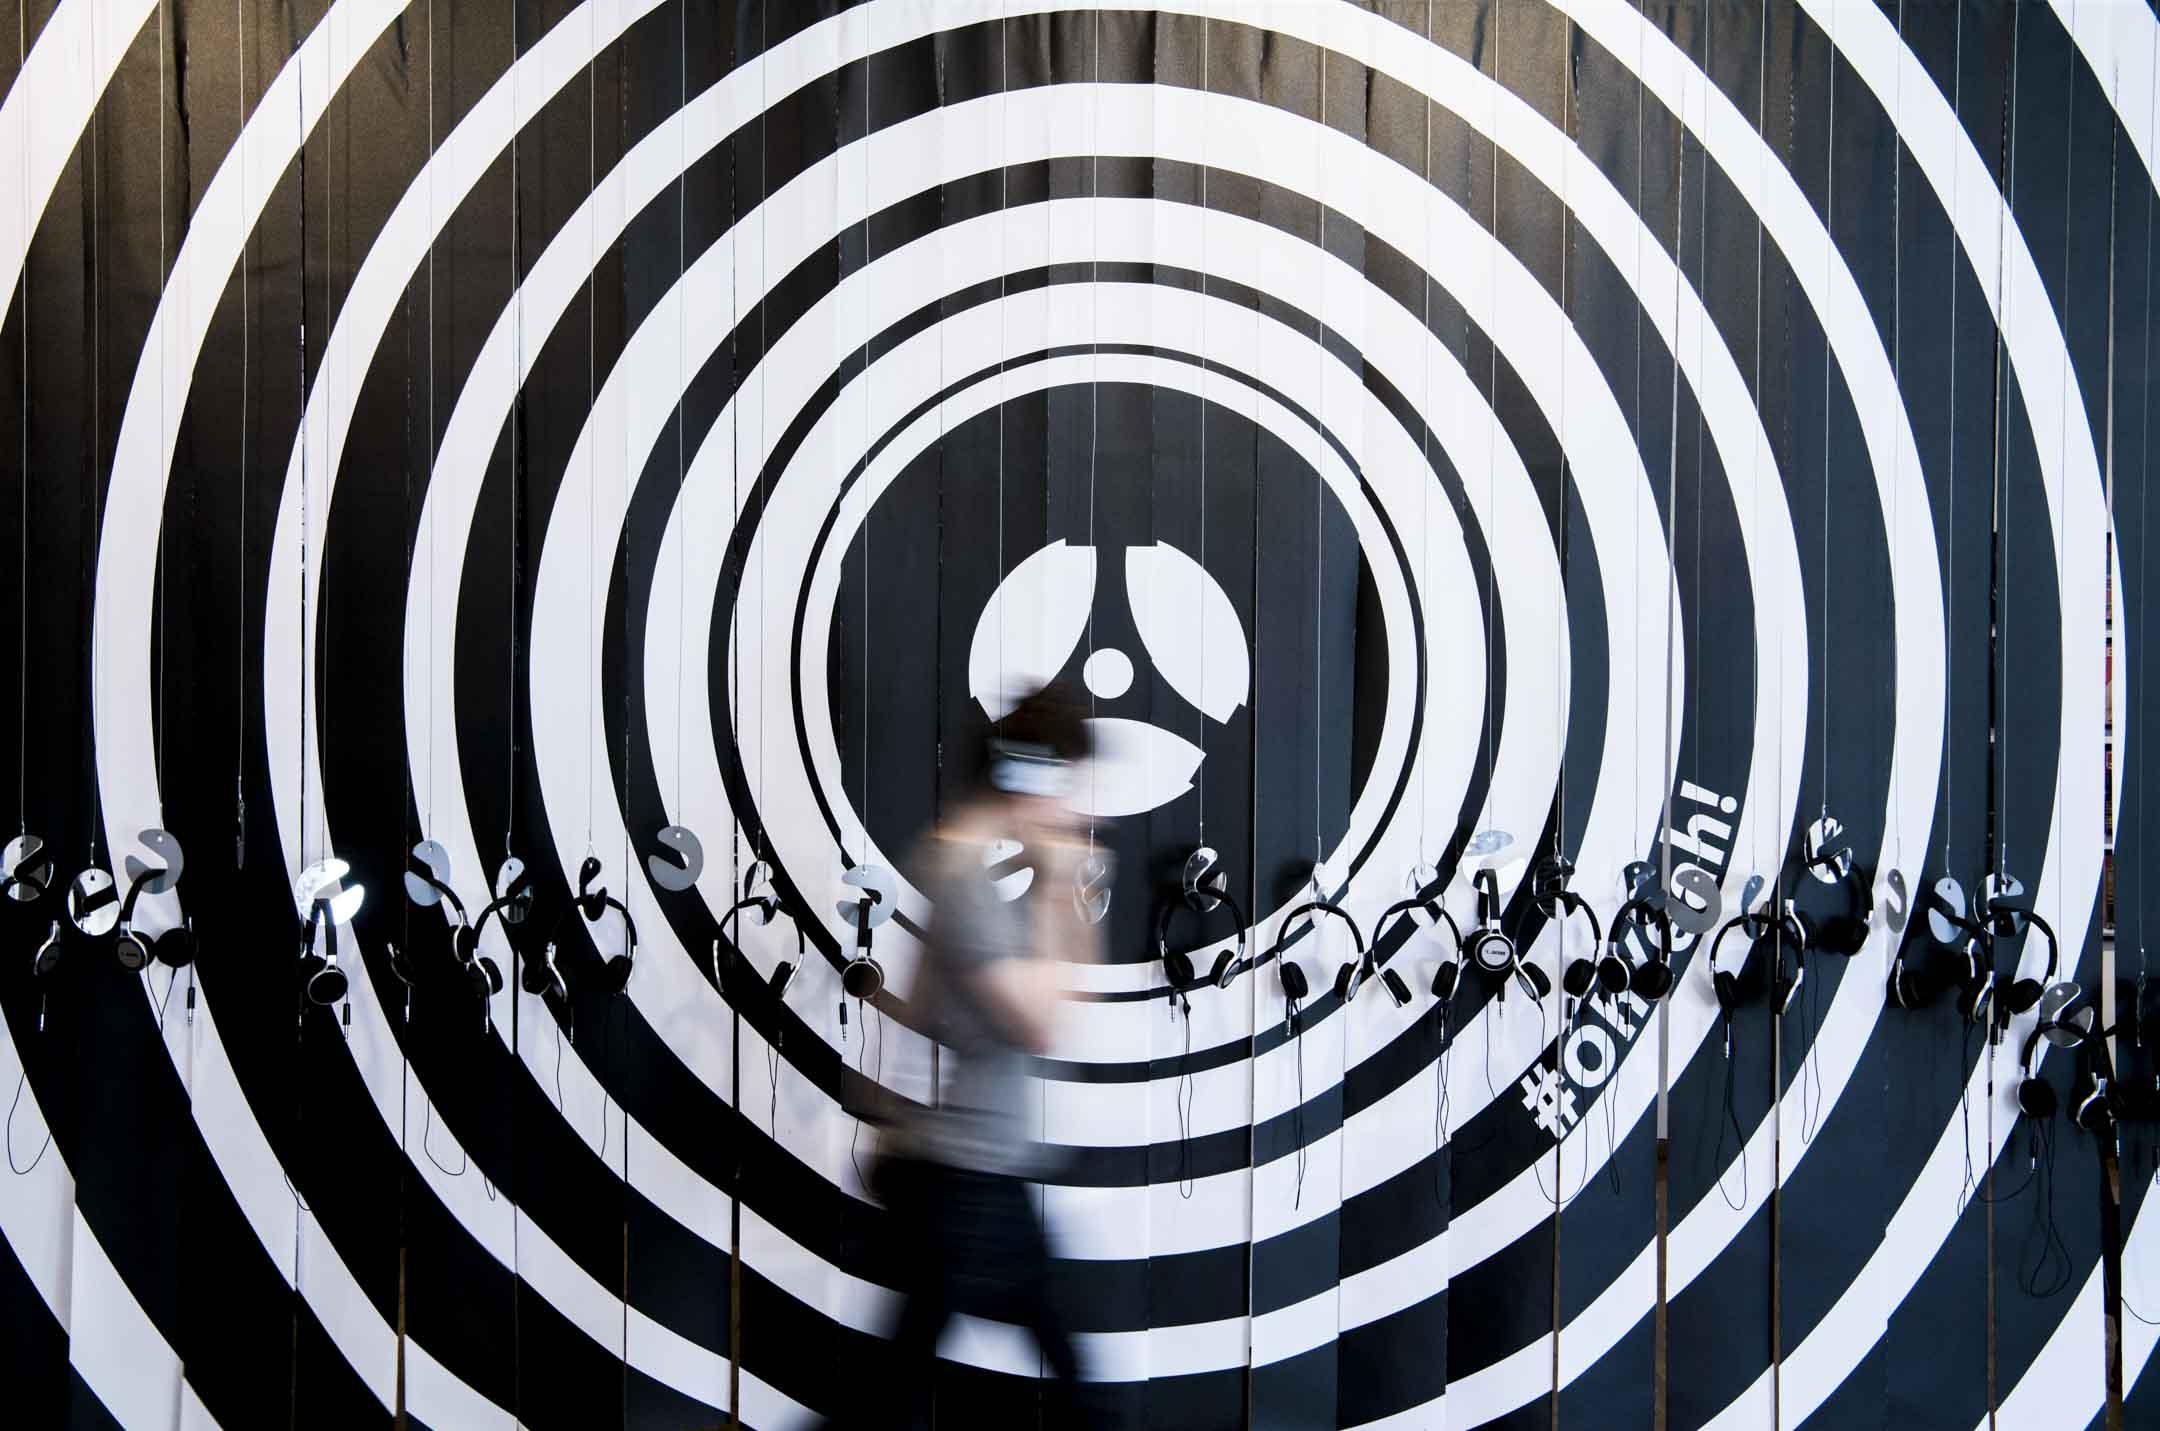 德國一個有關音樂的展覽,有不少懸掛在牆上的耳機。 攝:Boris Roessler/picture-alliance/dpa/AP/達志影像